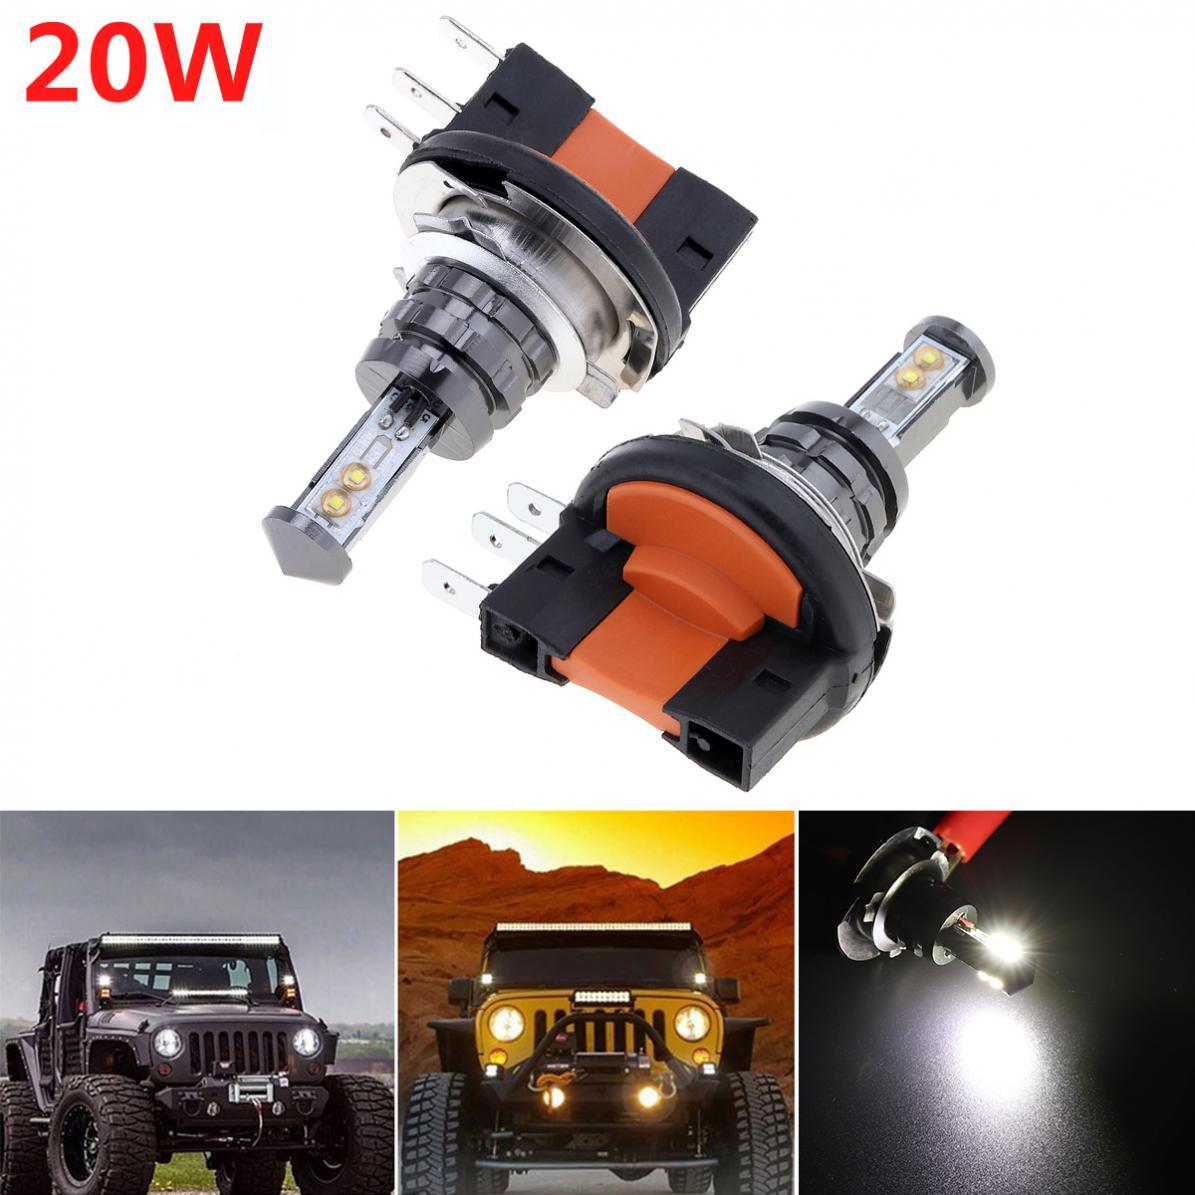 Lampes 12 V Phare Ampoule Led 2 Pièces Voiture 720lm Auto Antibrouillard W 360 20 K H15 Xte 6000 Blanc 4smd Dc Degrés 7vbygYf6